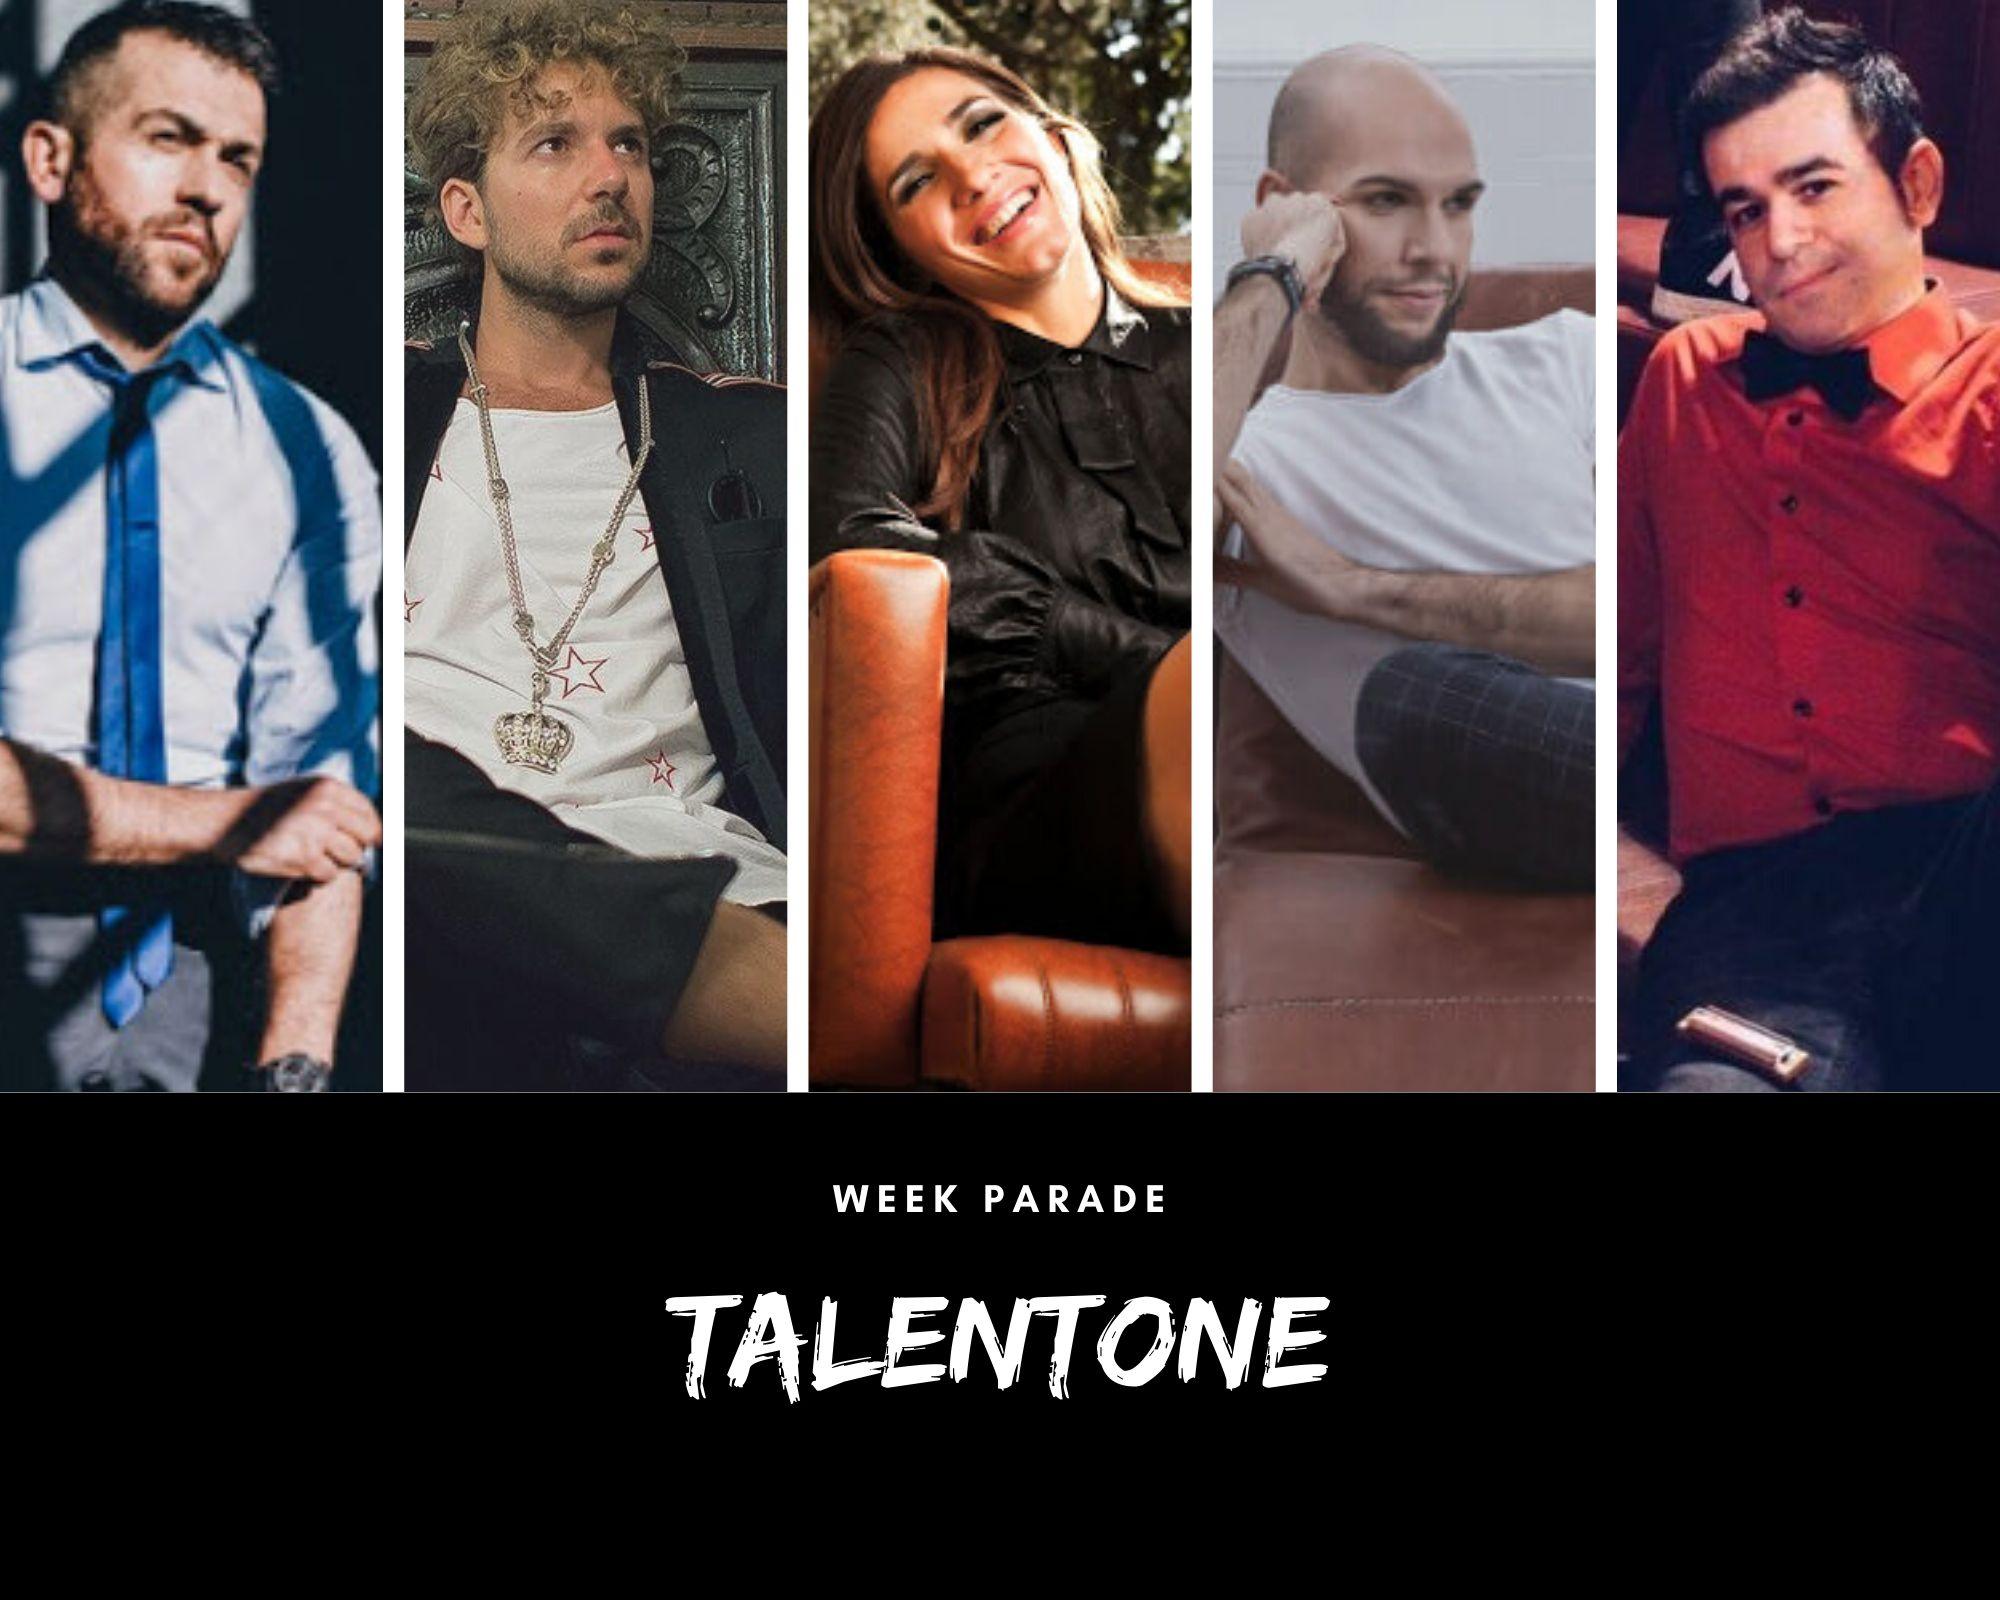 Rubrica, TALENTONE. March., Marco Gray, The Shaking Apes, Simona Bencini e Filippo Perbellini